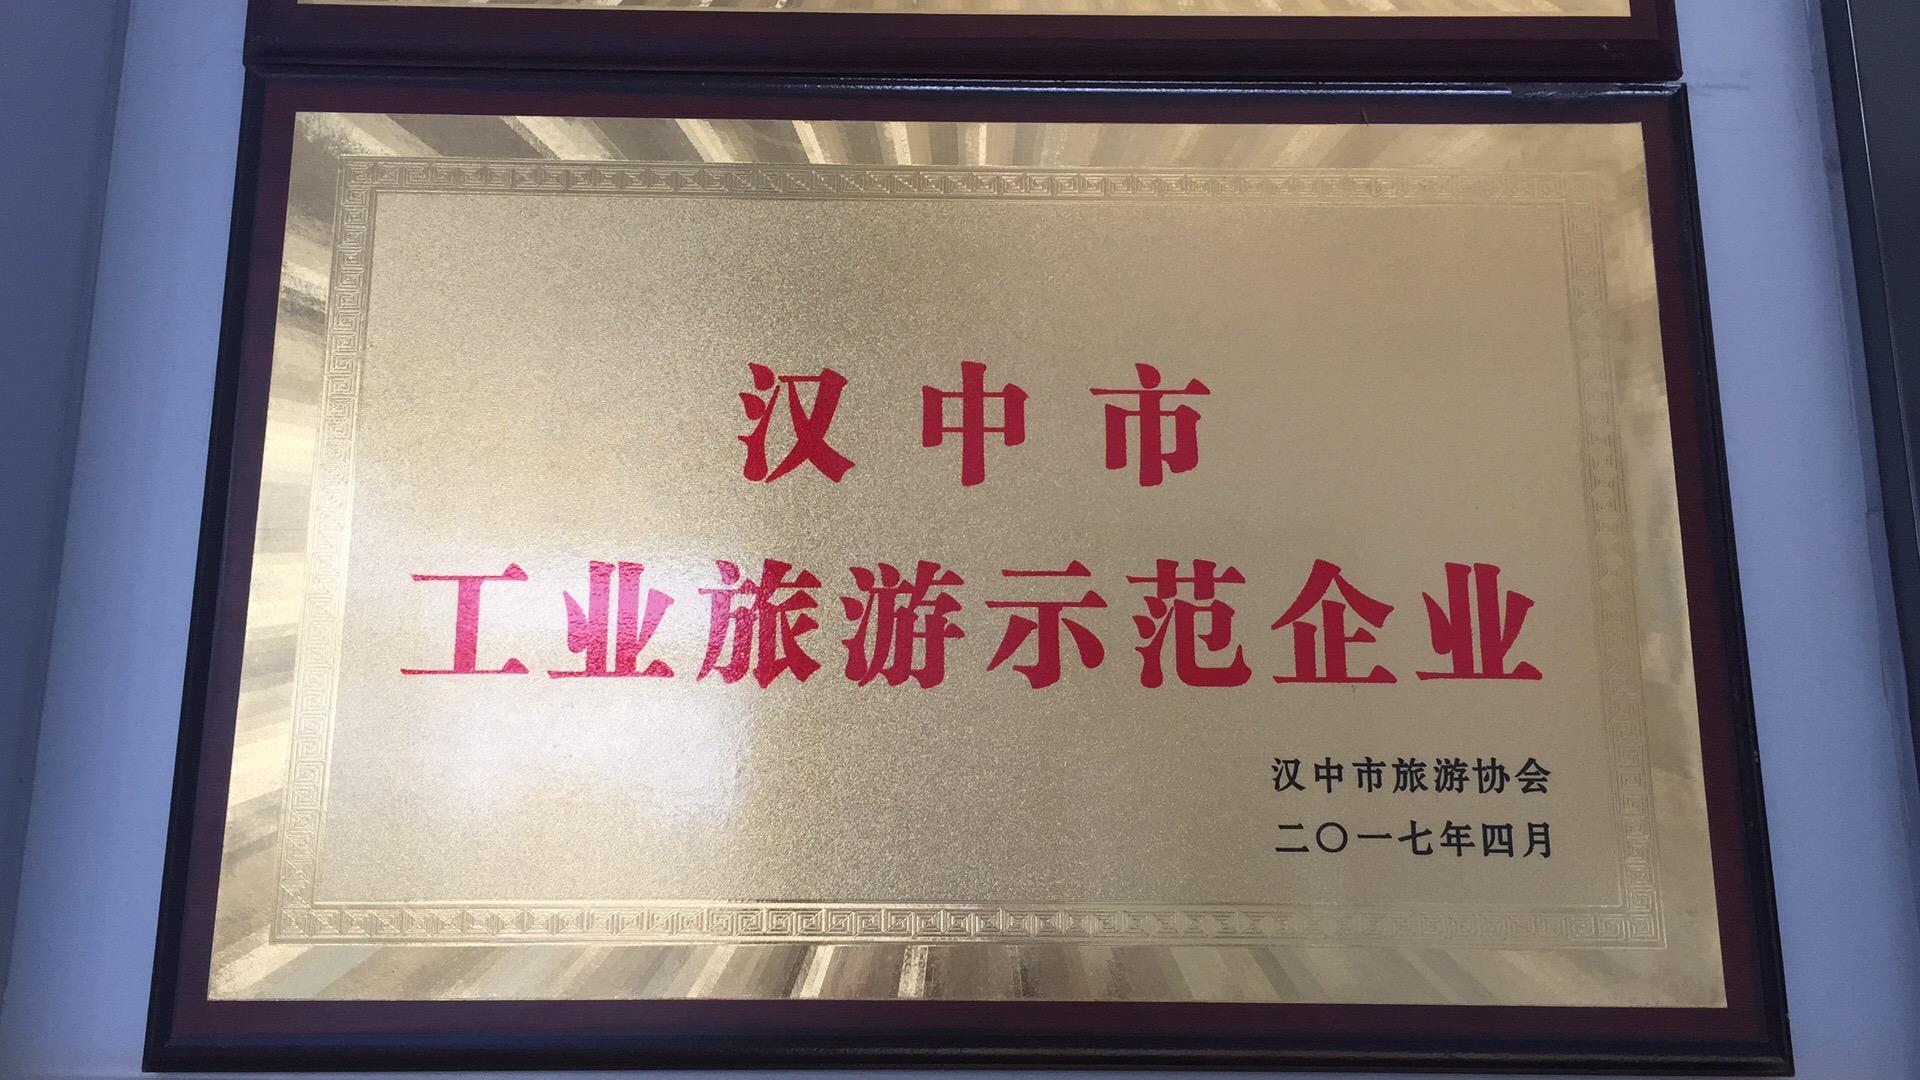 汉中市工业旅游示范企业